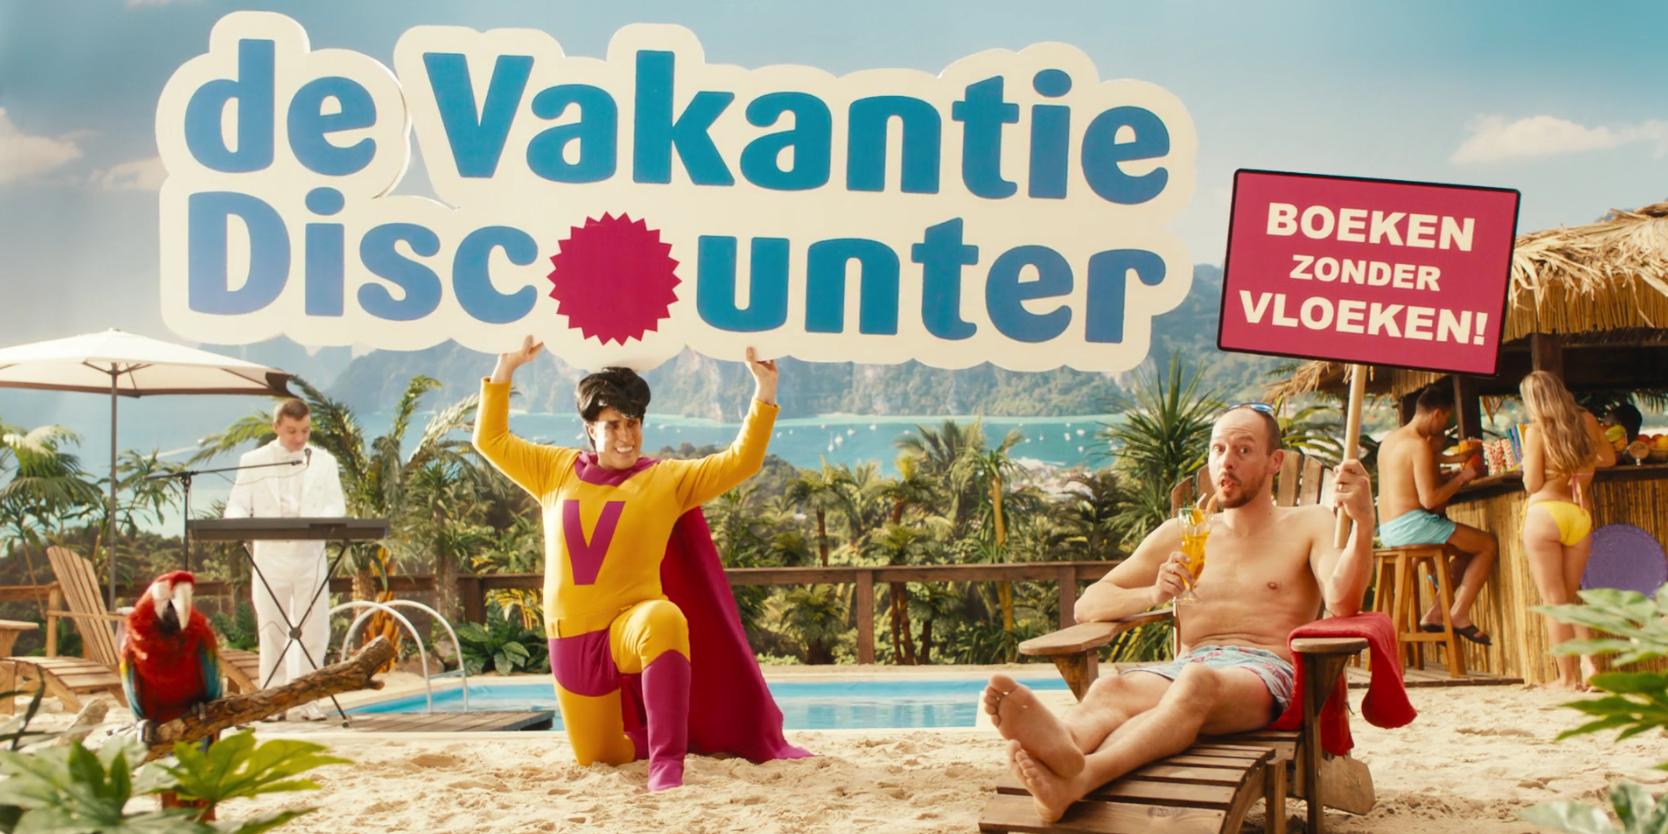 commercial 2017 vakantie discounter